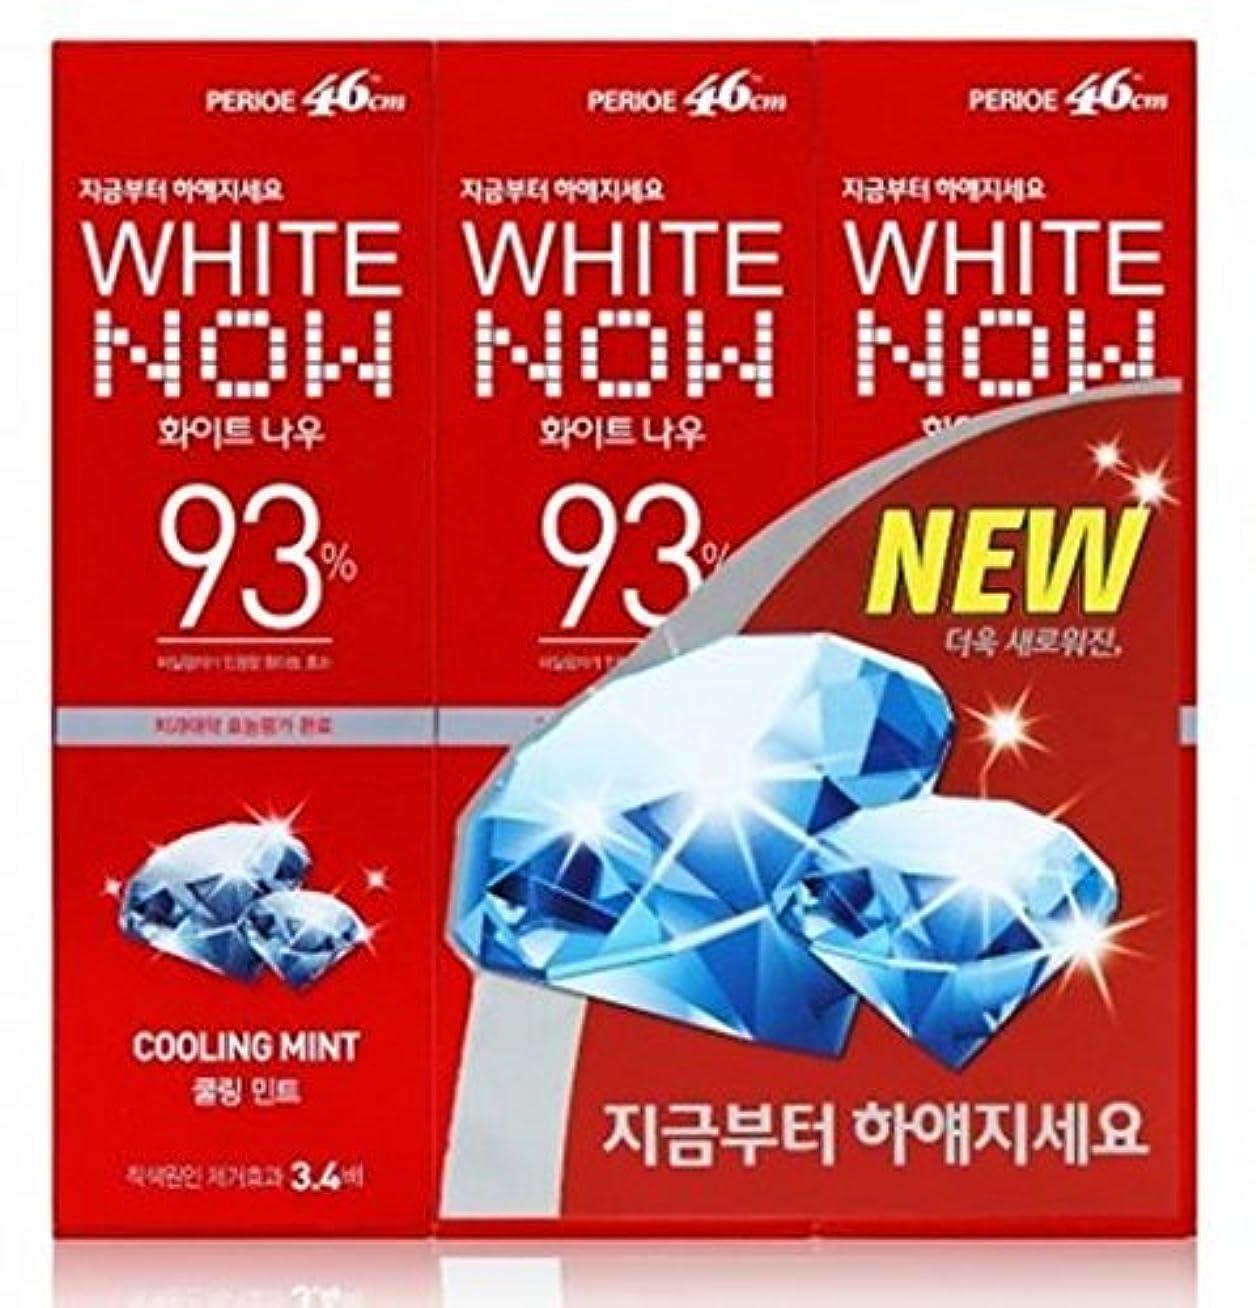 プレゼンターいちゃつくクルーズLg Perioe 46cm Toothpaste Oral Care White Now 93% Cooling Mint 100g X 3 by perioe